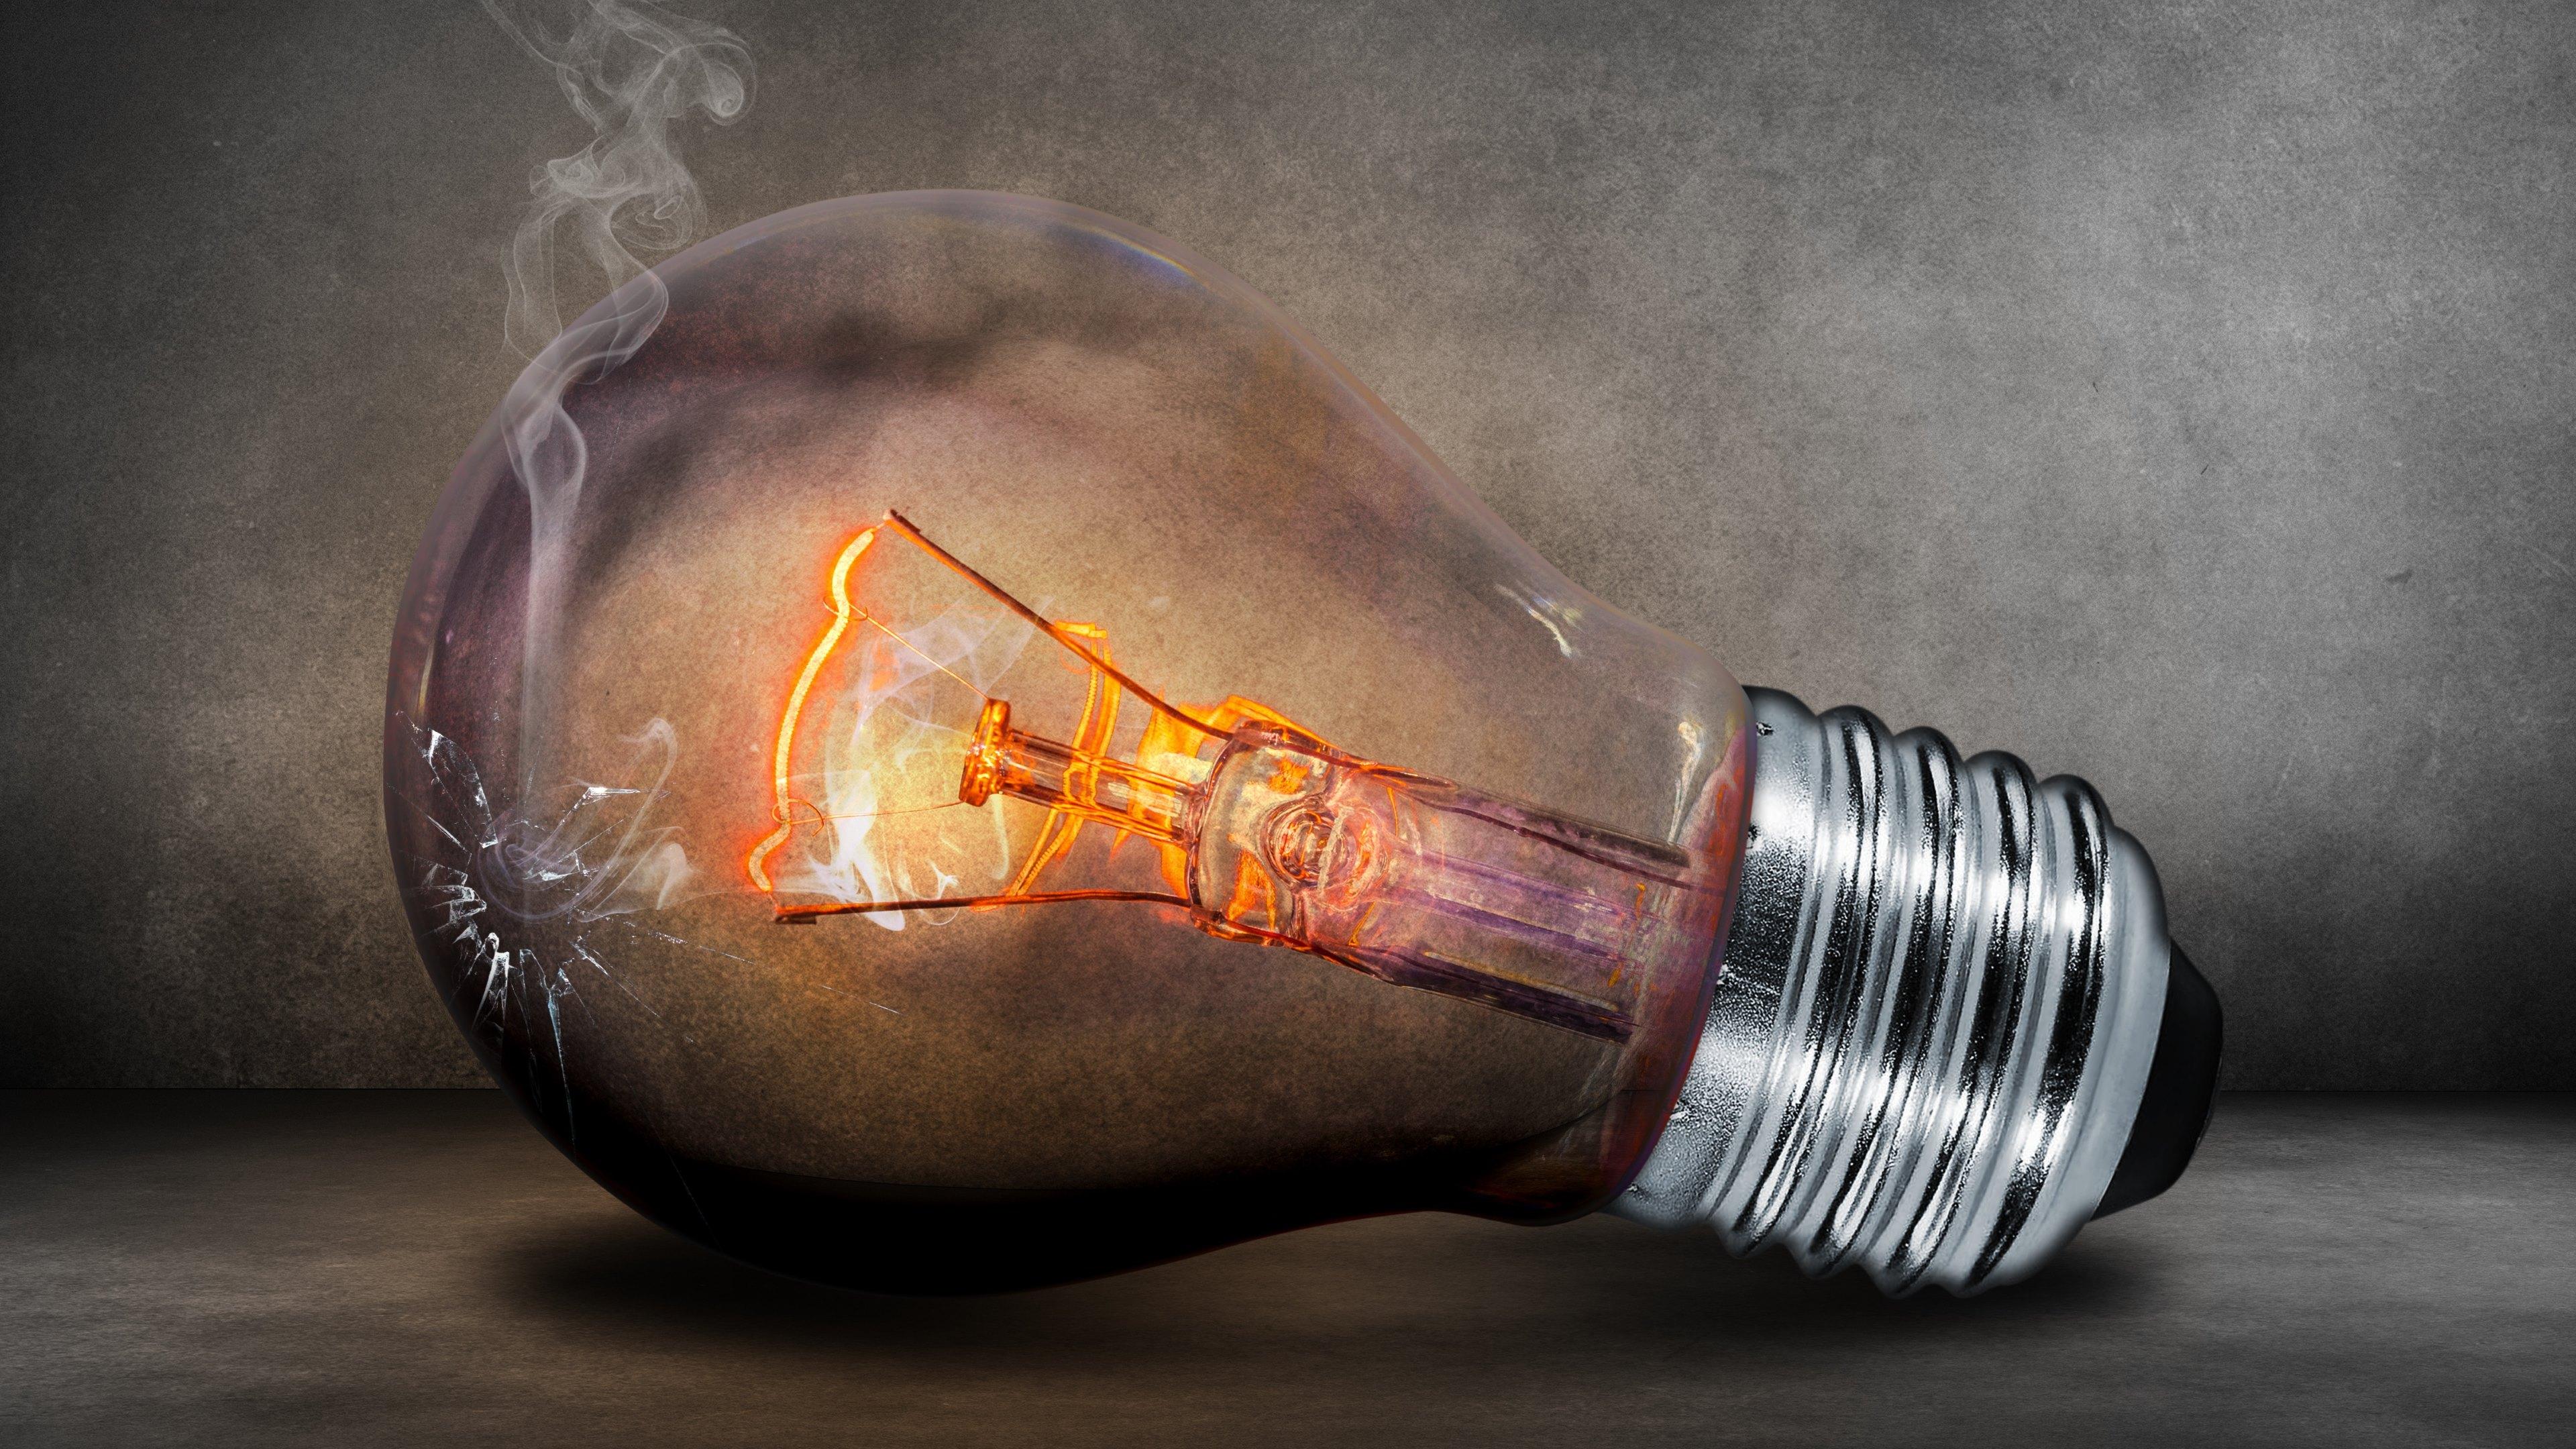 Teknik bulb pada fotografi 16